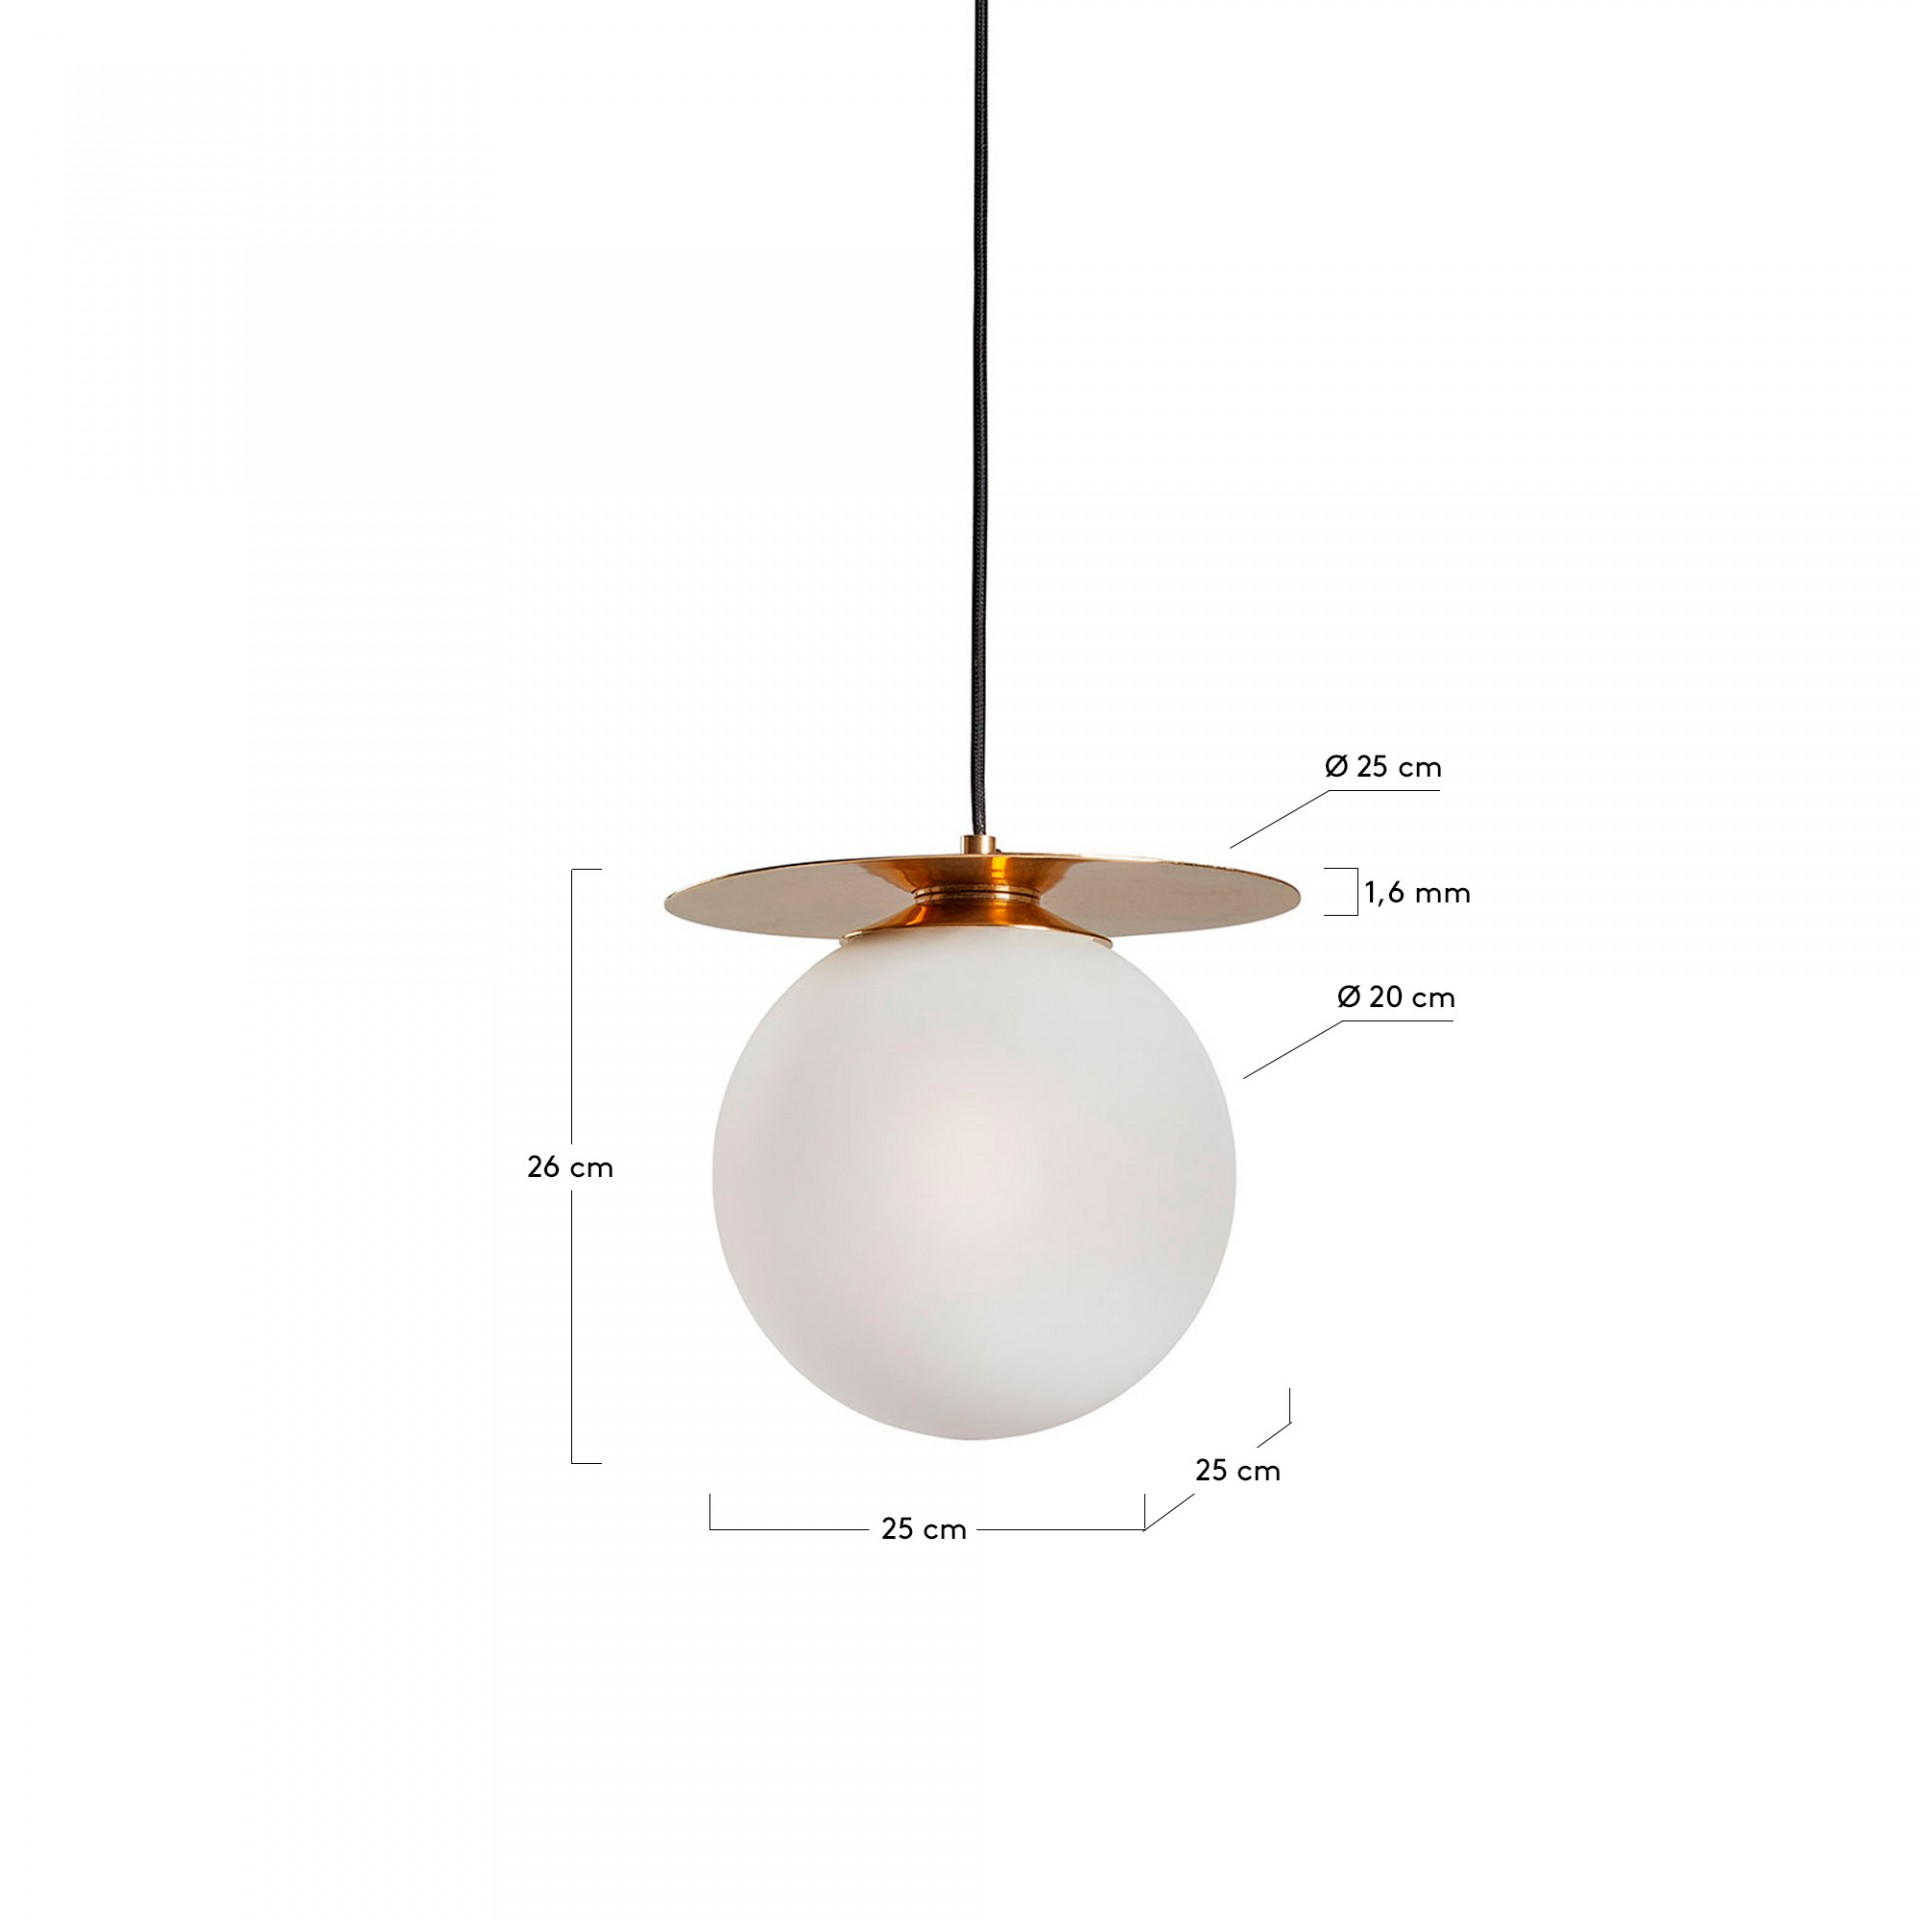 Candeeiro de tecto Main, vidro opaco/metal, Ø20x26